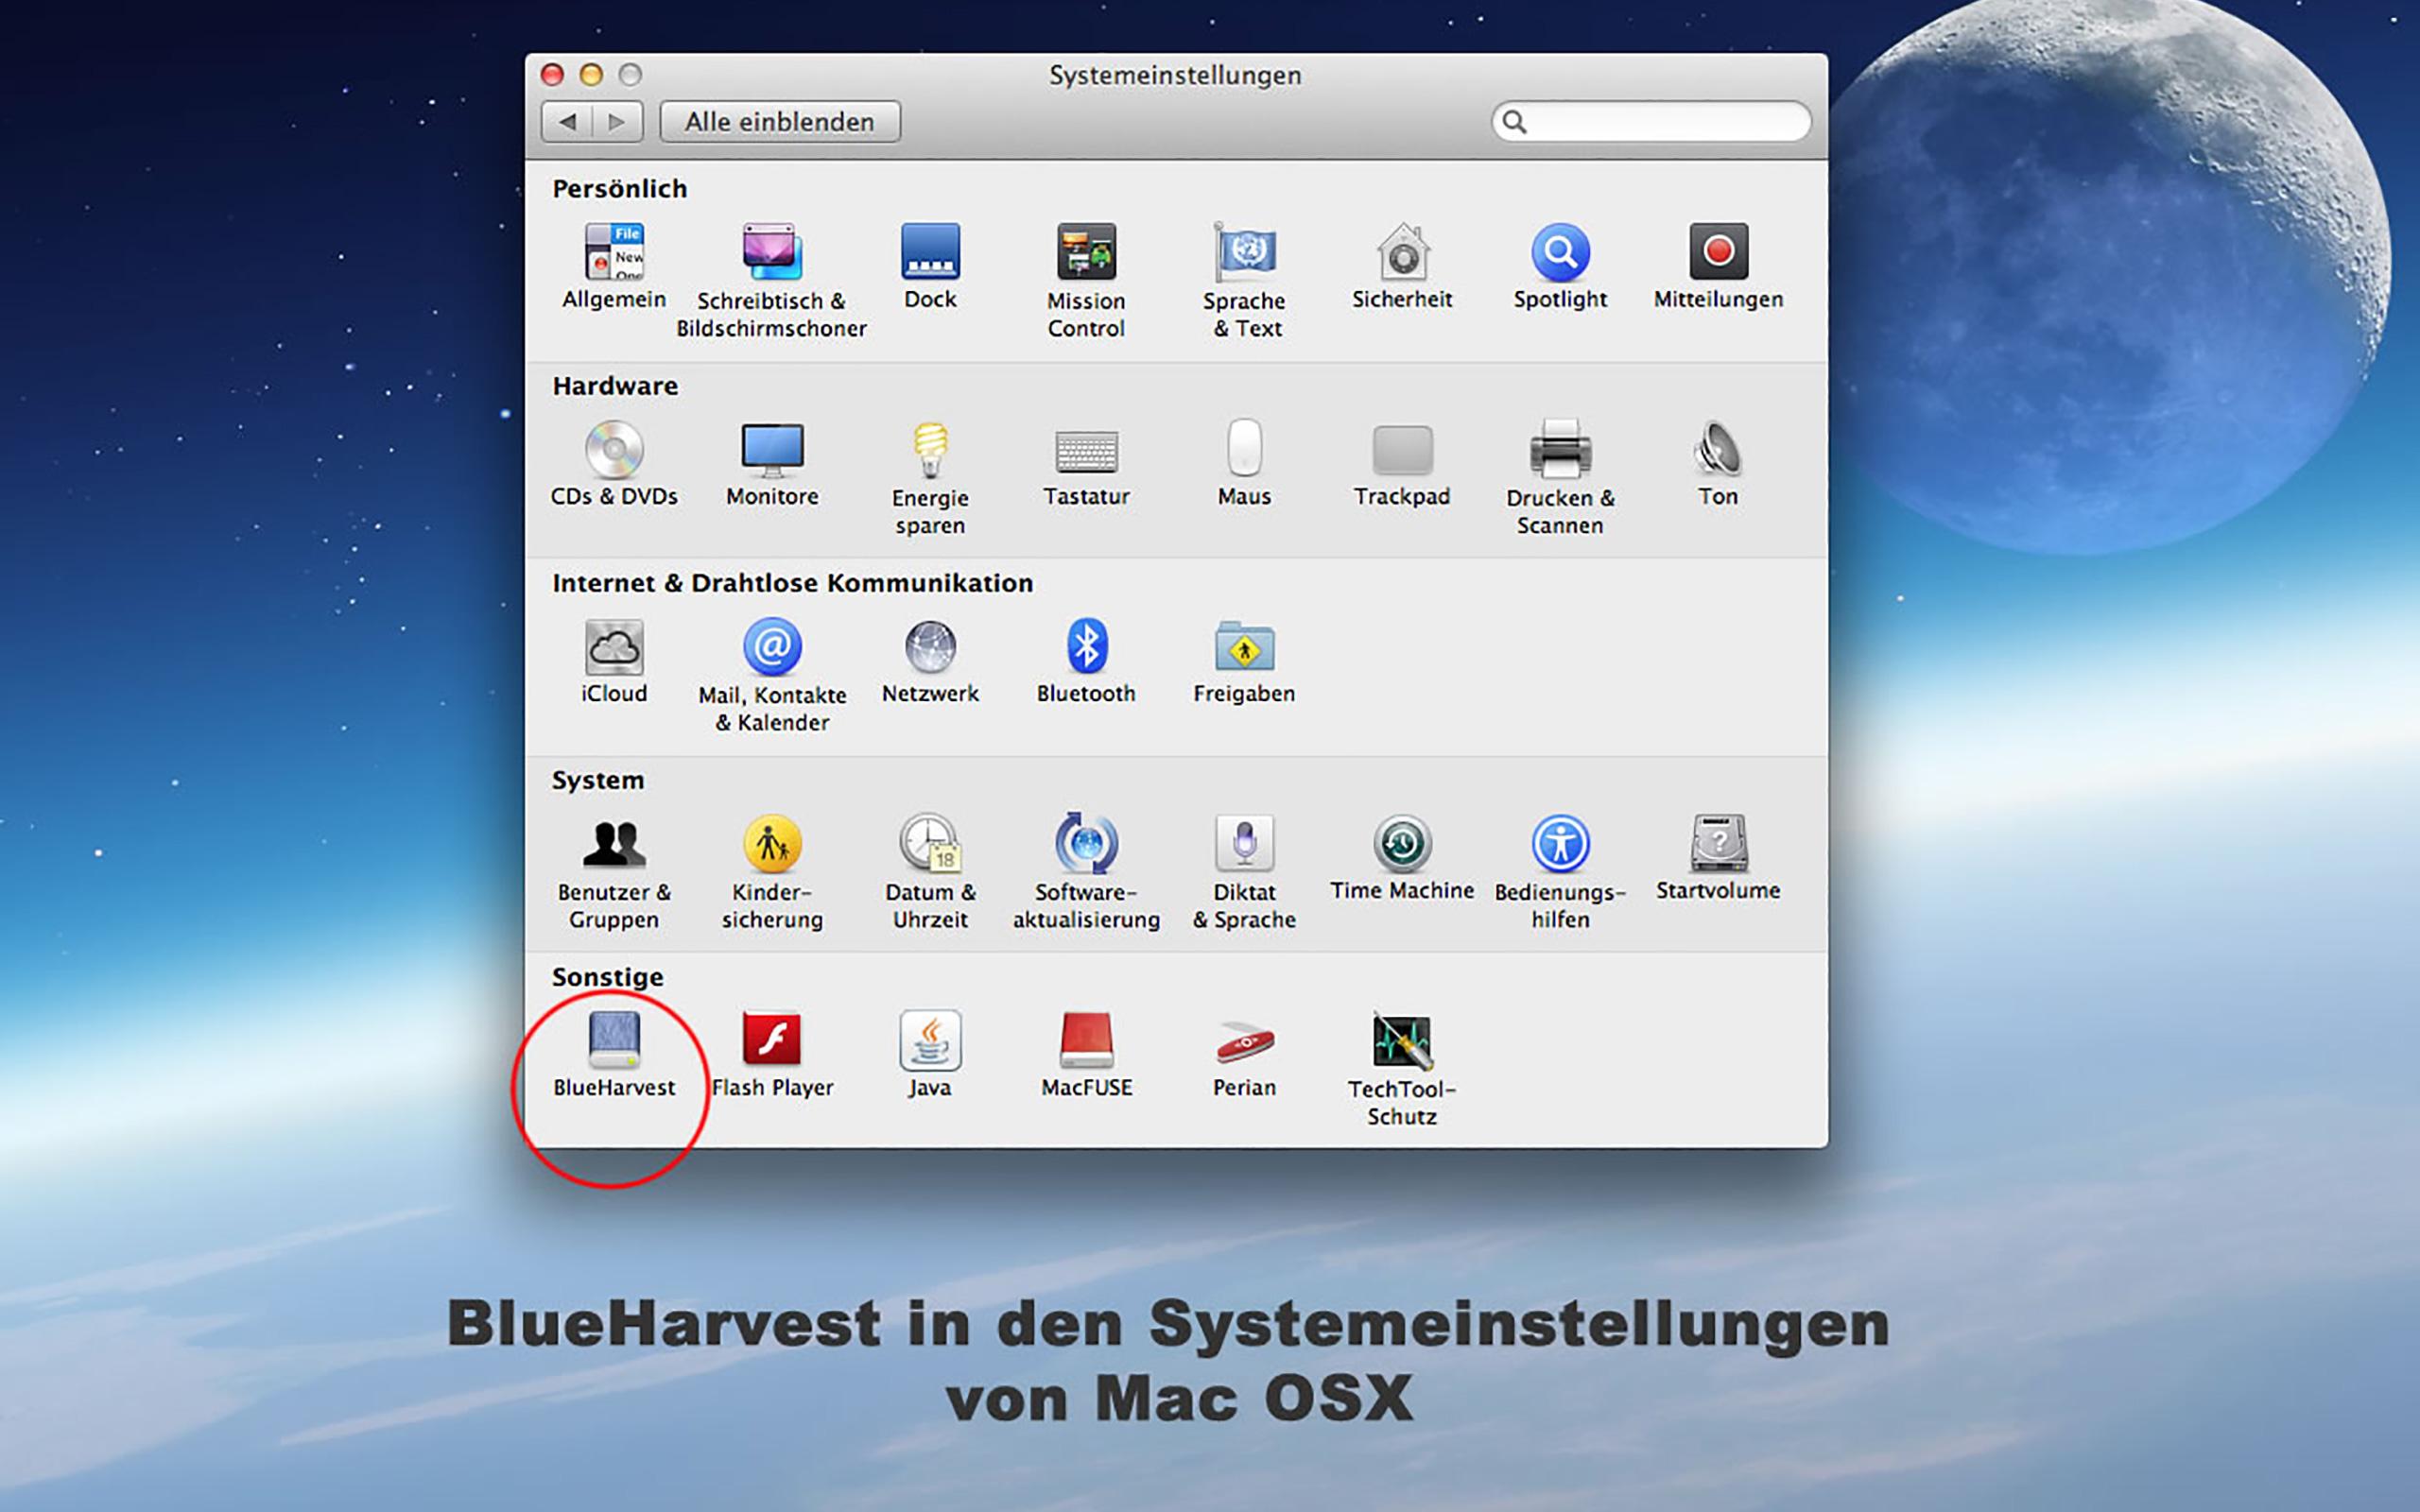 BlueHarvest in den Systemeinstellungen von Mac OS X